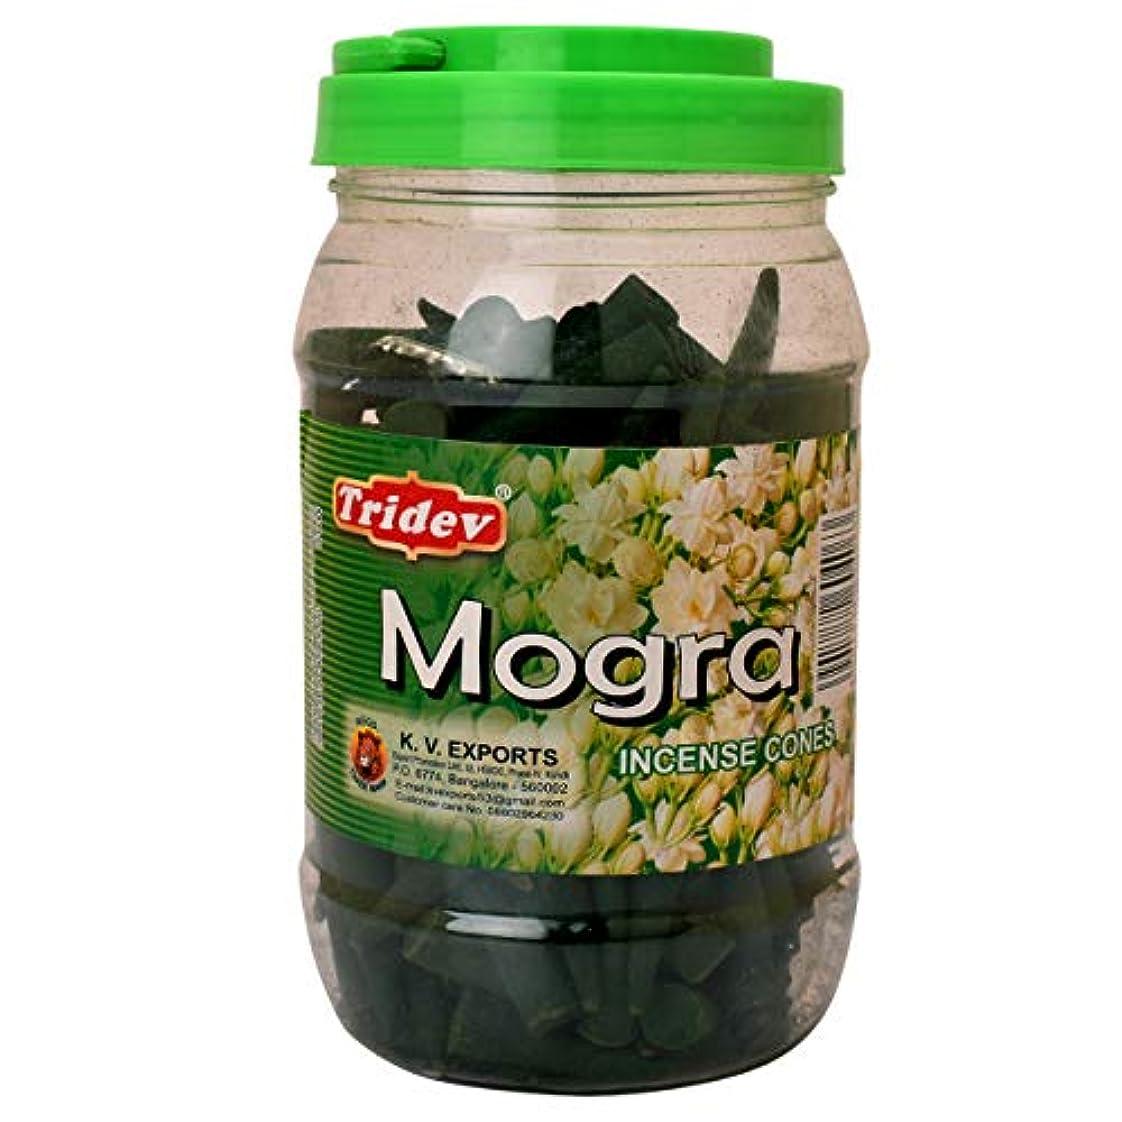 申請者科学者断線Tridev Mogra フレグランス コーン型お香 500グラム 瓶 輸出品質